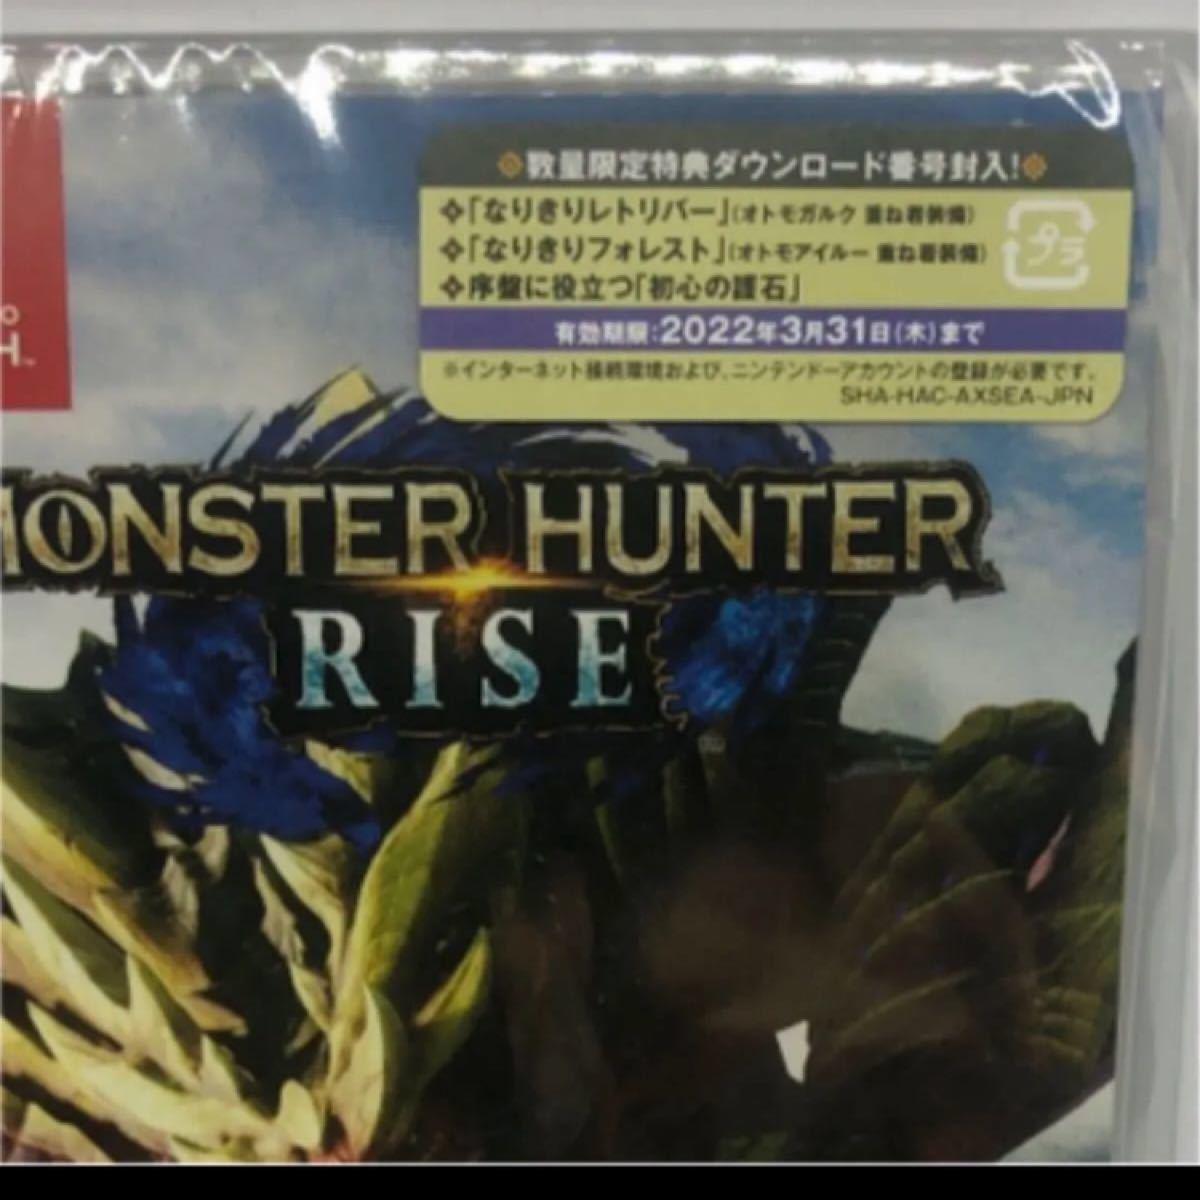 【新品・未開封】モンスターハンターライズ  ソフト 数量限定特典付き